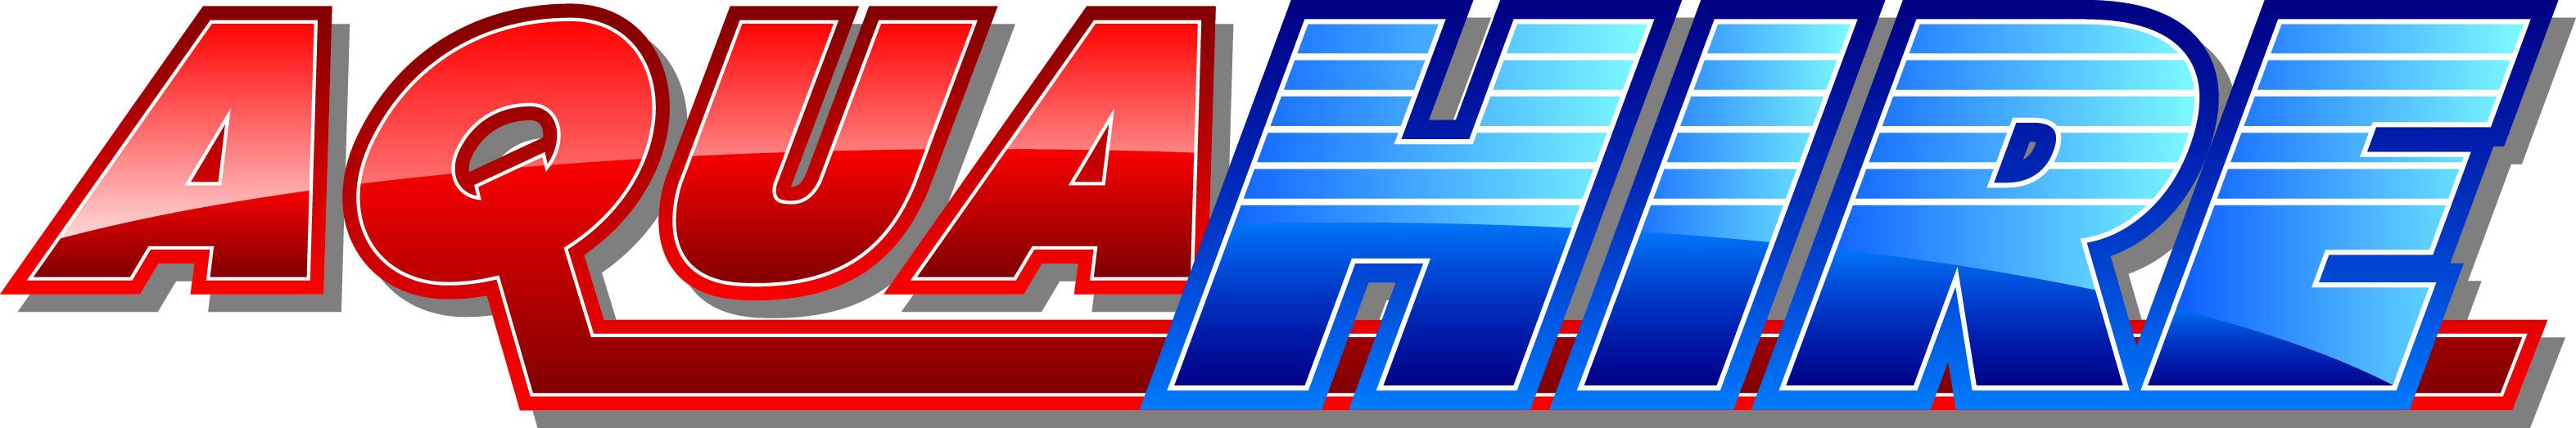 Aqua hire logo(嗨res).jpg